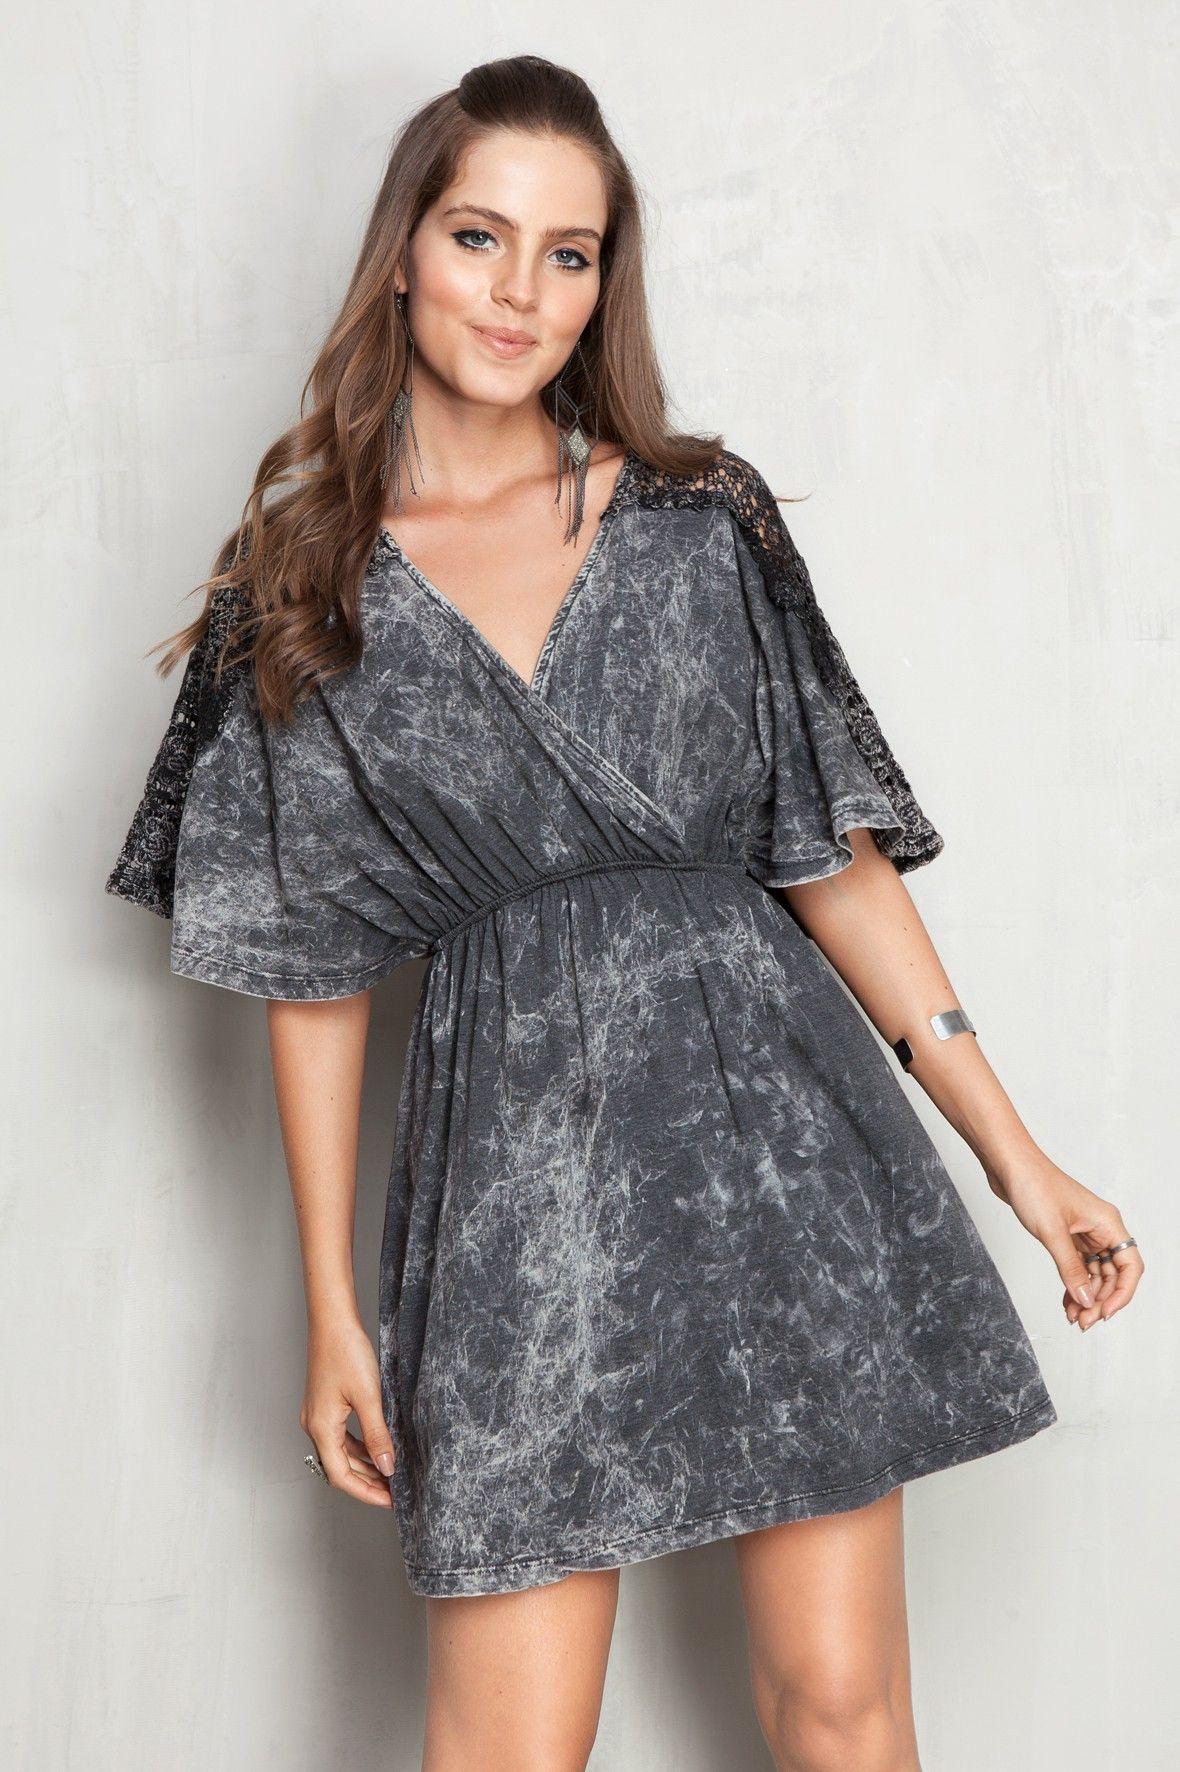 Vestidos curtos da moda de malha e renda